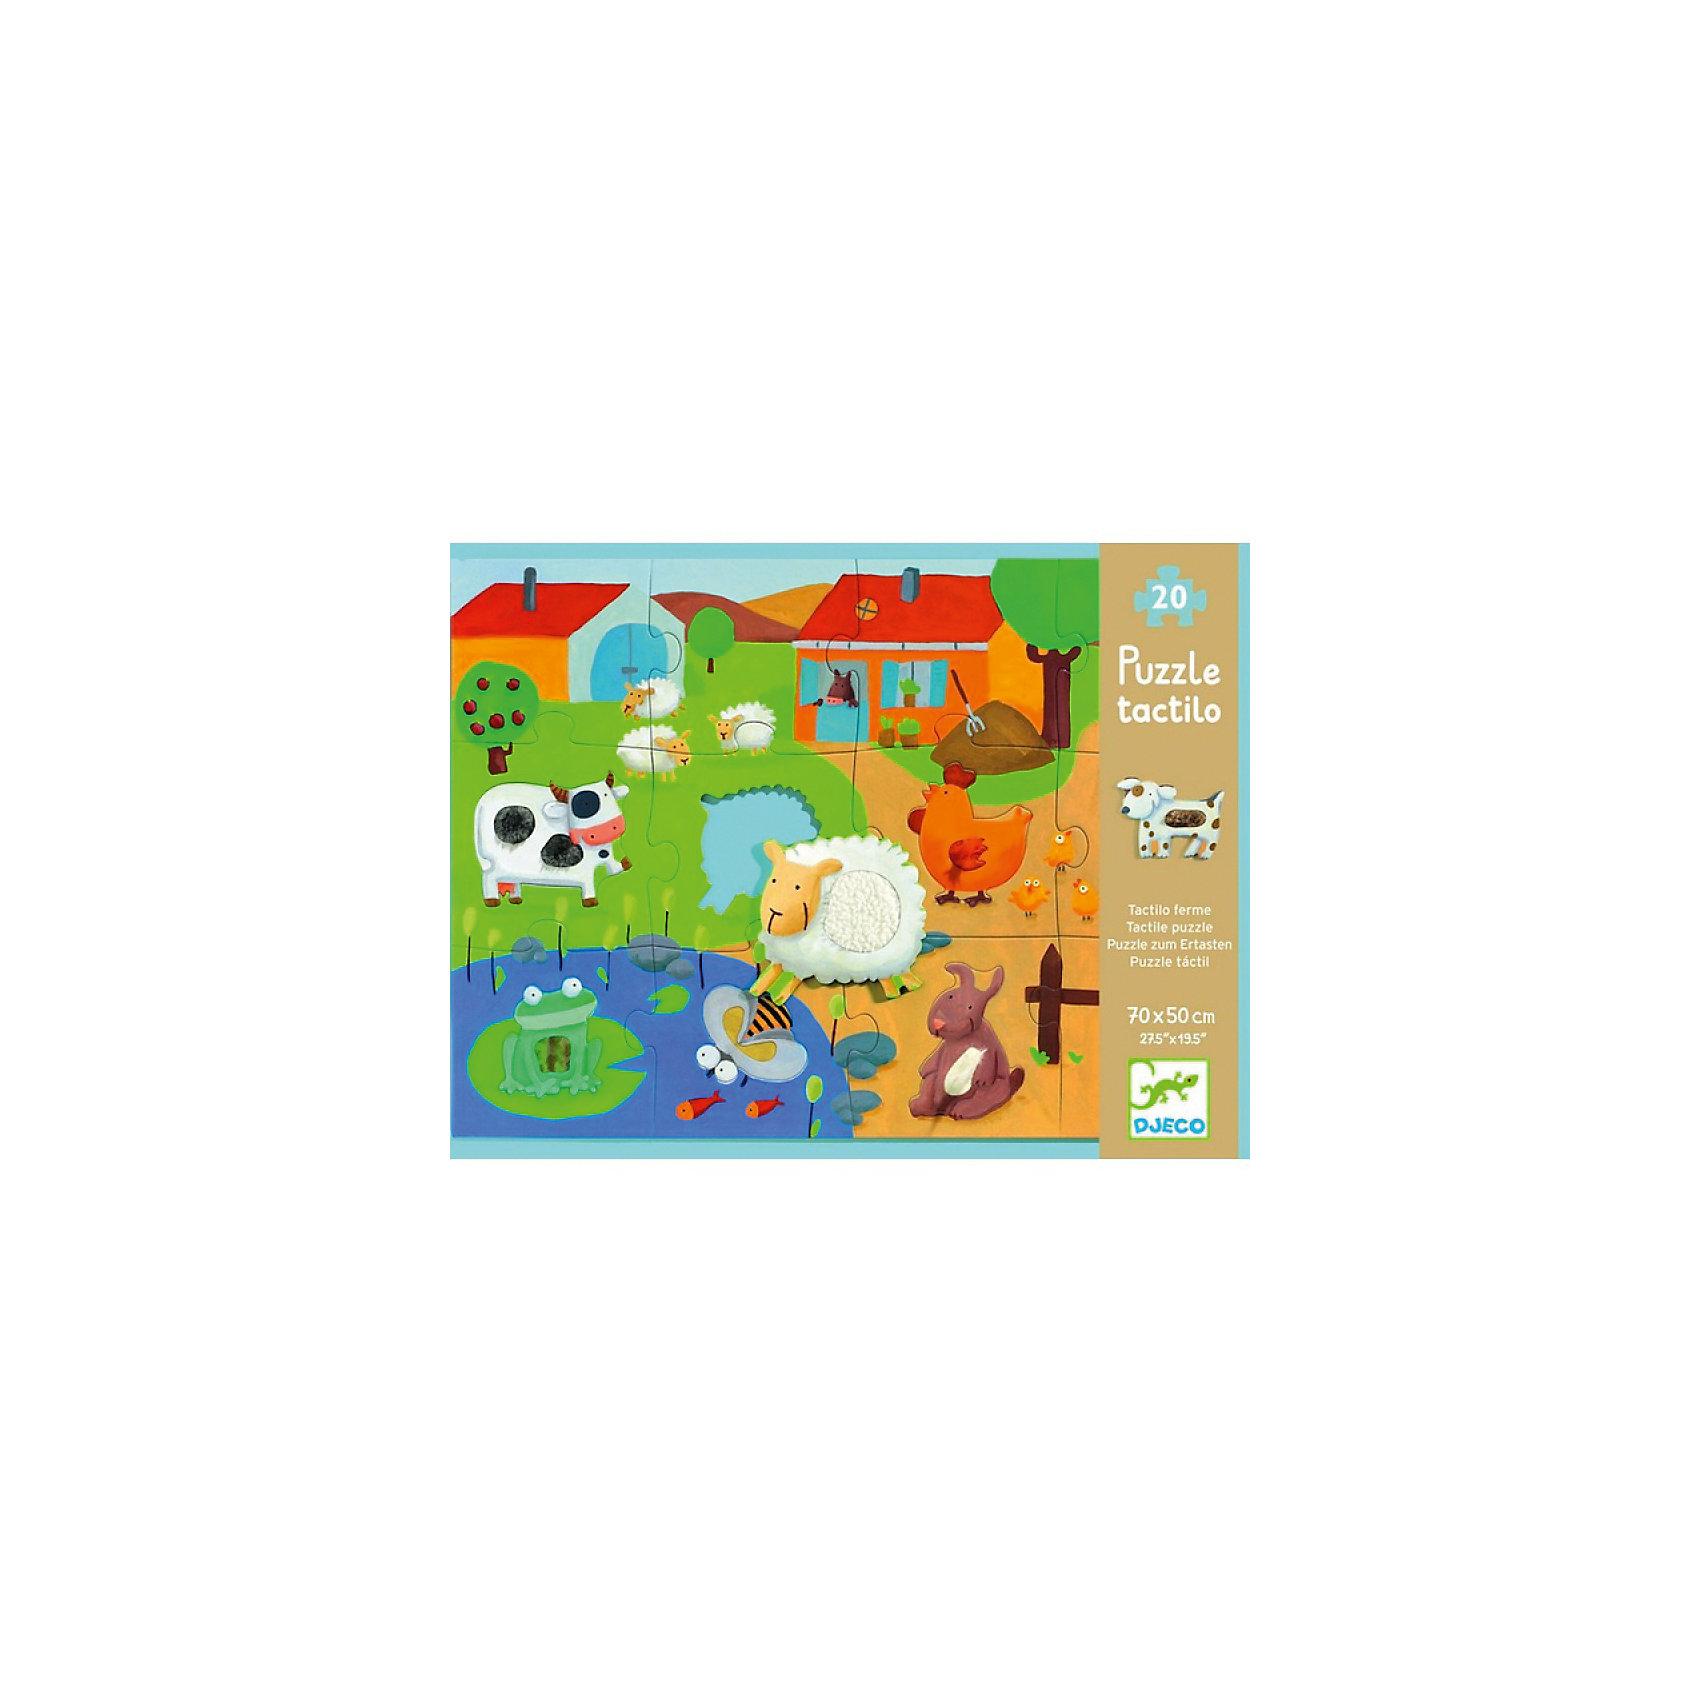 Пазл-гигант тактильный Ферма, 20 деталей, DJECOПазлы для малышей<br>Пазл-гигант тактильный «Ферма» от французской компании Djeco - оригинальная игрушка исключительного качества и дизайна, направленная на всестороннее развитие ребенка. Игра с пазлом развивает моторику, мышление, цветовосприятие и фантазию малышей. В комплект входит 20 больших деталей из плотного трехслойного картона. Детям предстоит собрать вместе все пазлы, чтобы в результате получилась красивая большая картинка с изображением забавной фермы. Детали, на которых изображены животные, имеют вставки из различных текстур, поэтому малышам будет особенно интересно изучать новых животных, используя также и тактильные навыки.<br><br>Дополнительная информация:<br><br>- Материал: картон.<br>- Размер готовой картины: 50х70 см.<br><br>Пазл-гигант тактильный Ферма, 20 деталей, DJECO (Джеко), можно купить в нашем магазине.<br><br>Ширина мм: 330<br>Глубина мм: 255<br>Высота мм: 60<br>Вес г: 350<br>Возраст от месяцев: 36<br>Возраст до месяцев: 72<br>Пол: Унисекс<br>Возраст: Детский<br>SKU: 4051896